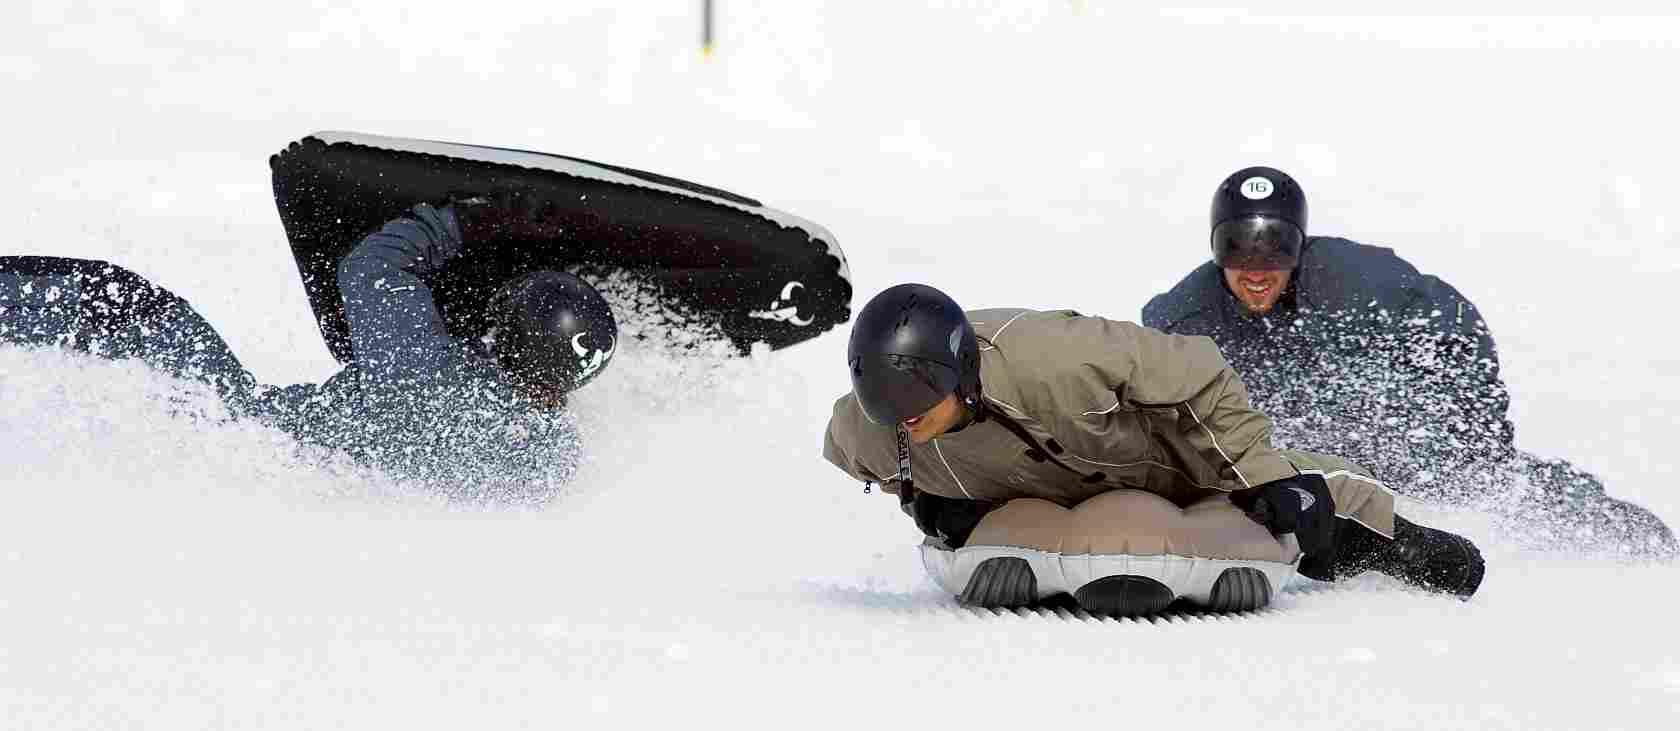 Airboard_Holzhau_SportRichter_snowsports